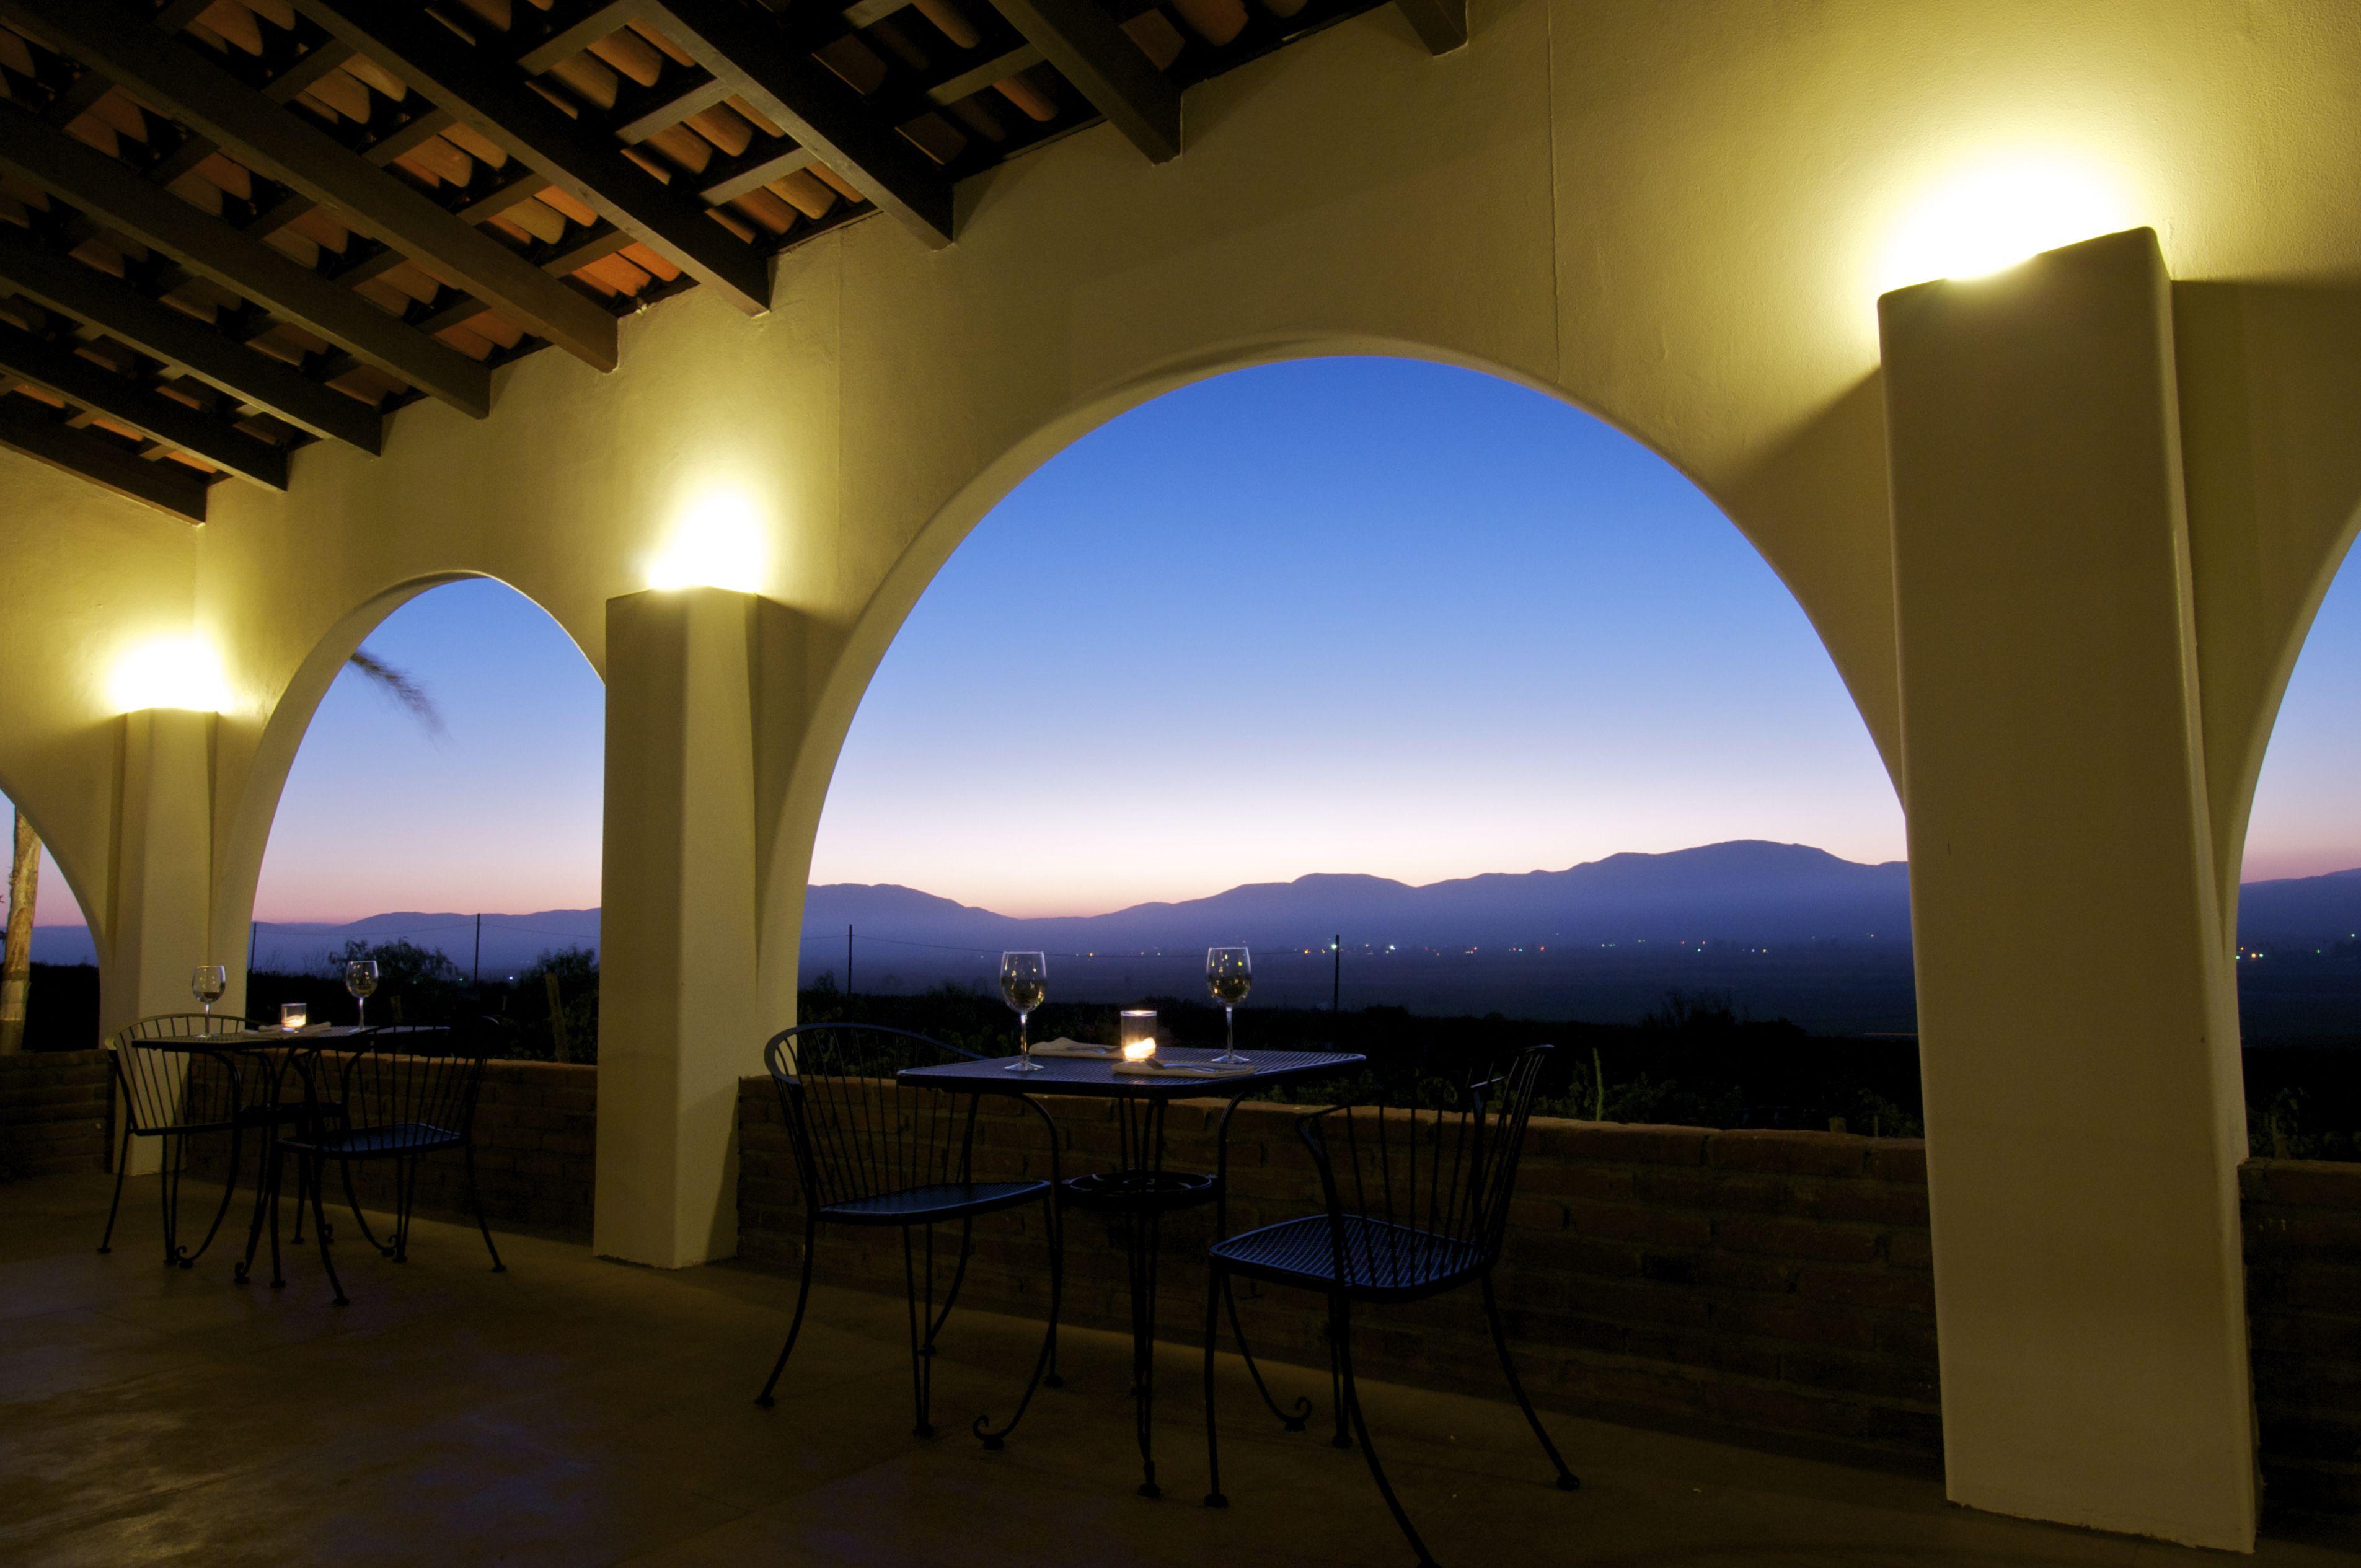 Nuestra Terraza Con Vista Hacia Increibles Puestas De Sol Y Atardeceres Valle De Guadalupe Vistas Haciendas